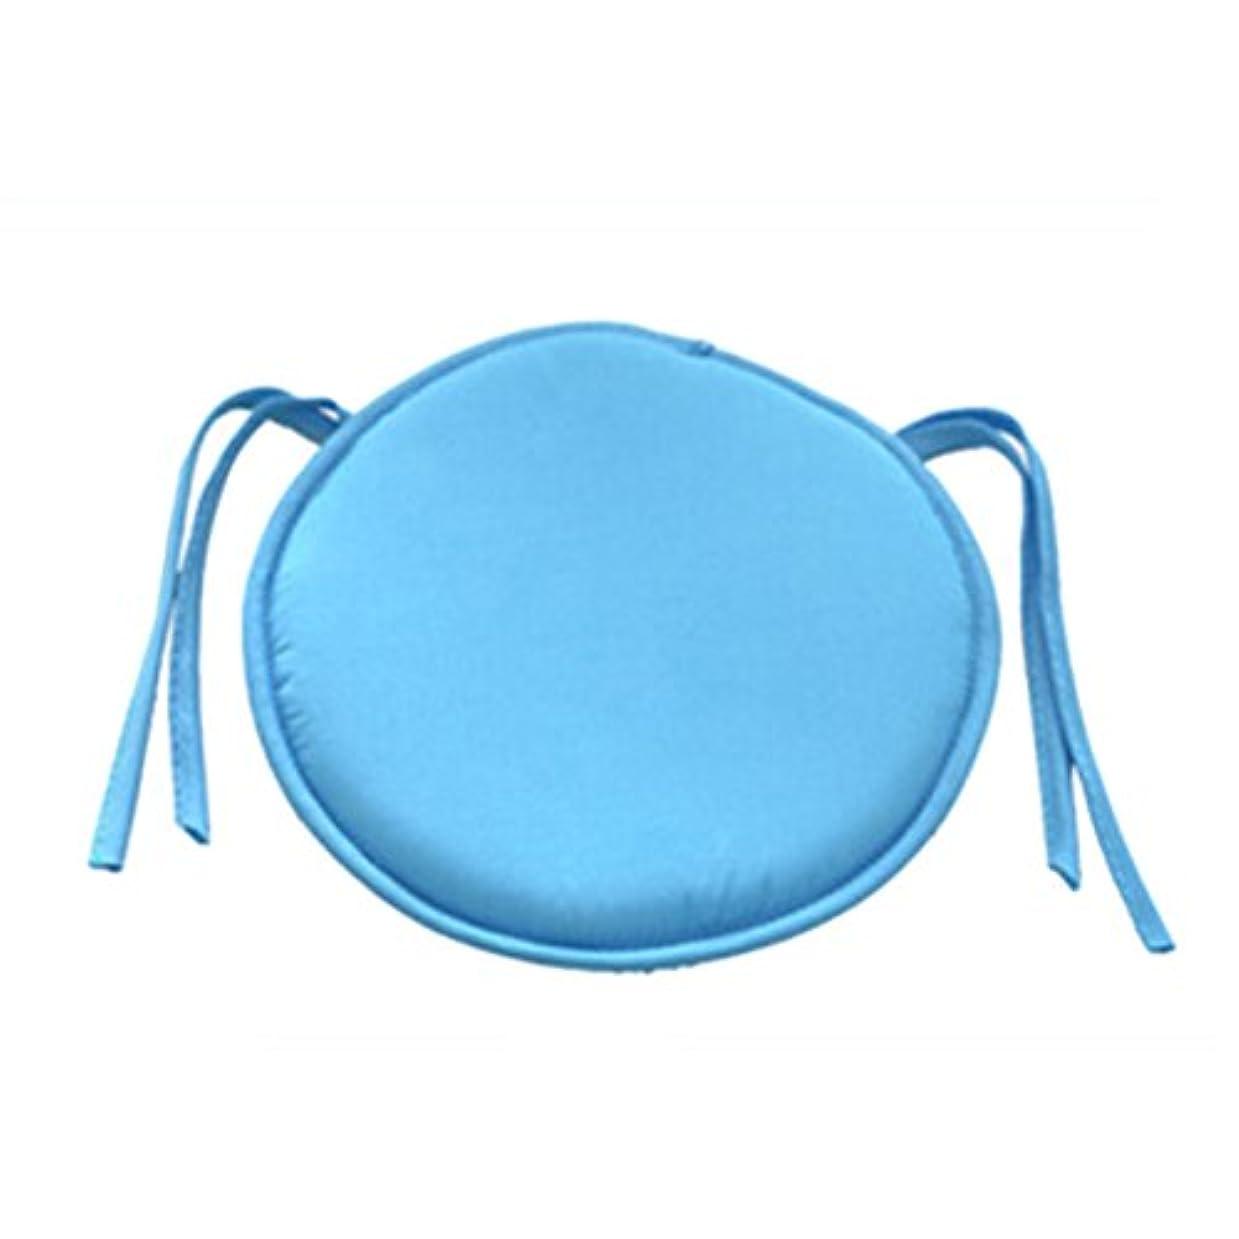 自殺行う墓地LIFE ホット販売ラウンドチェアクッション屋内ポップパティオオフィスチェアシートパッドネクタイスクエアガーデンキッチンダイニングクッション クッション 椅子